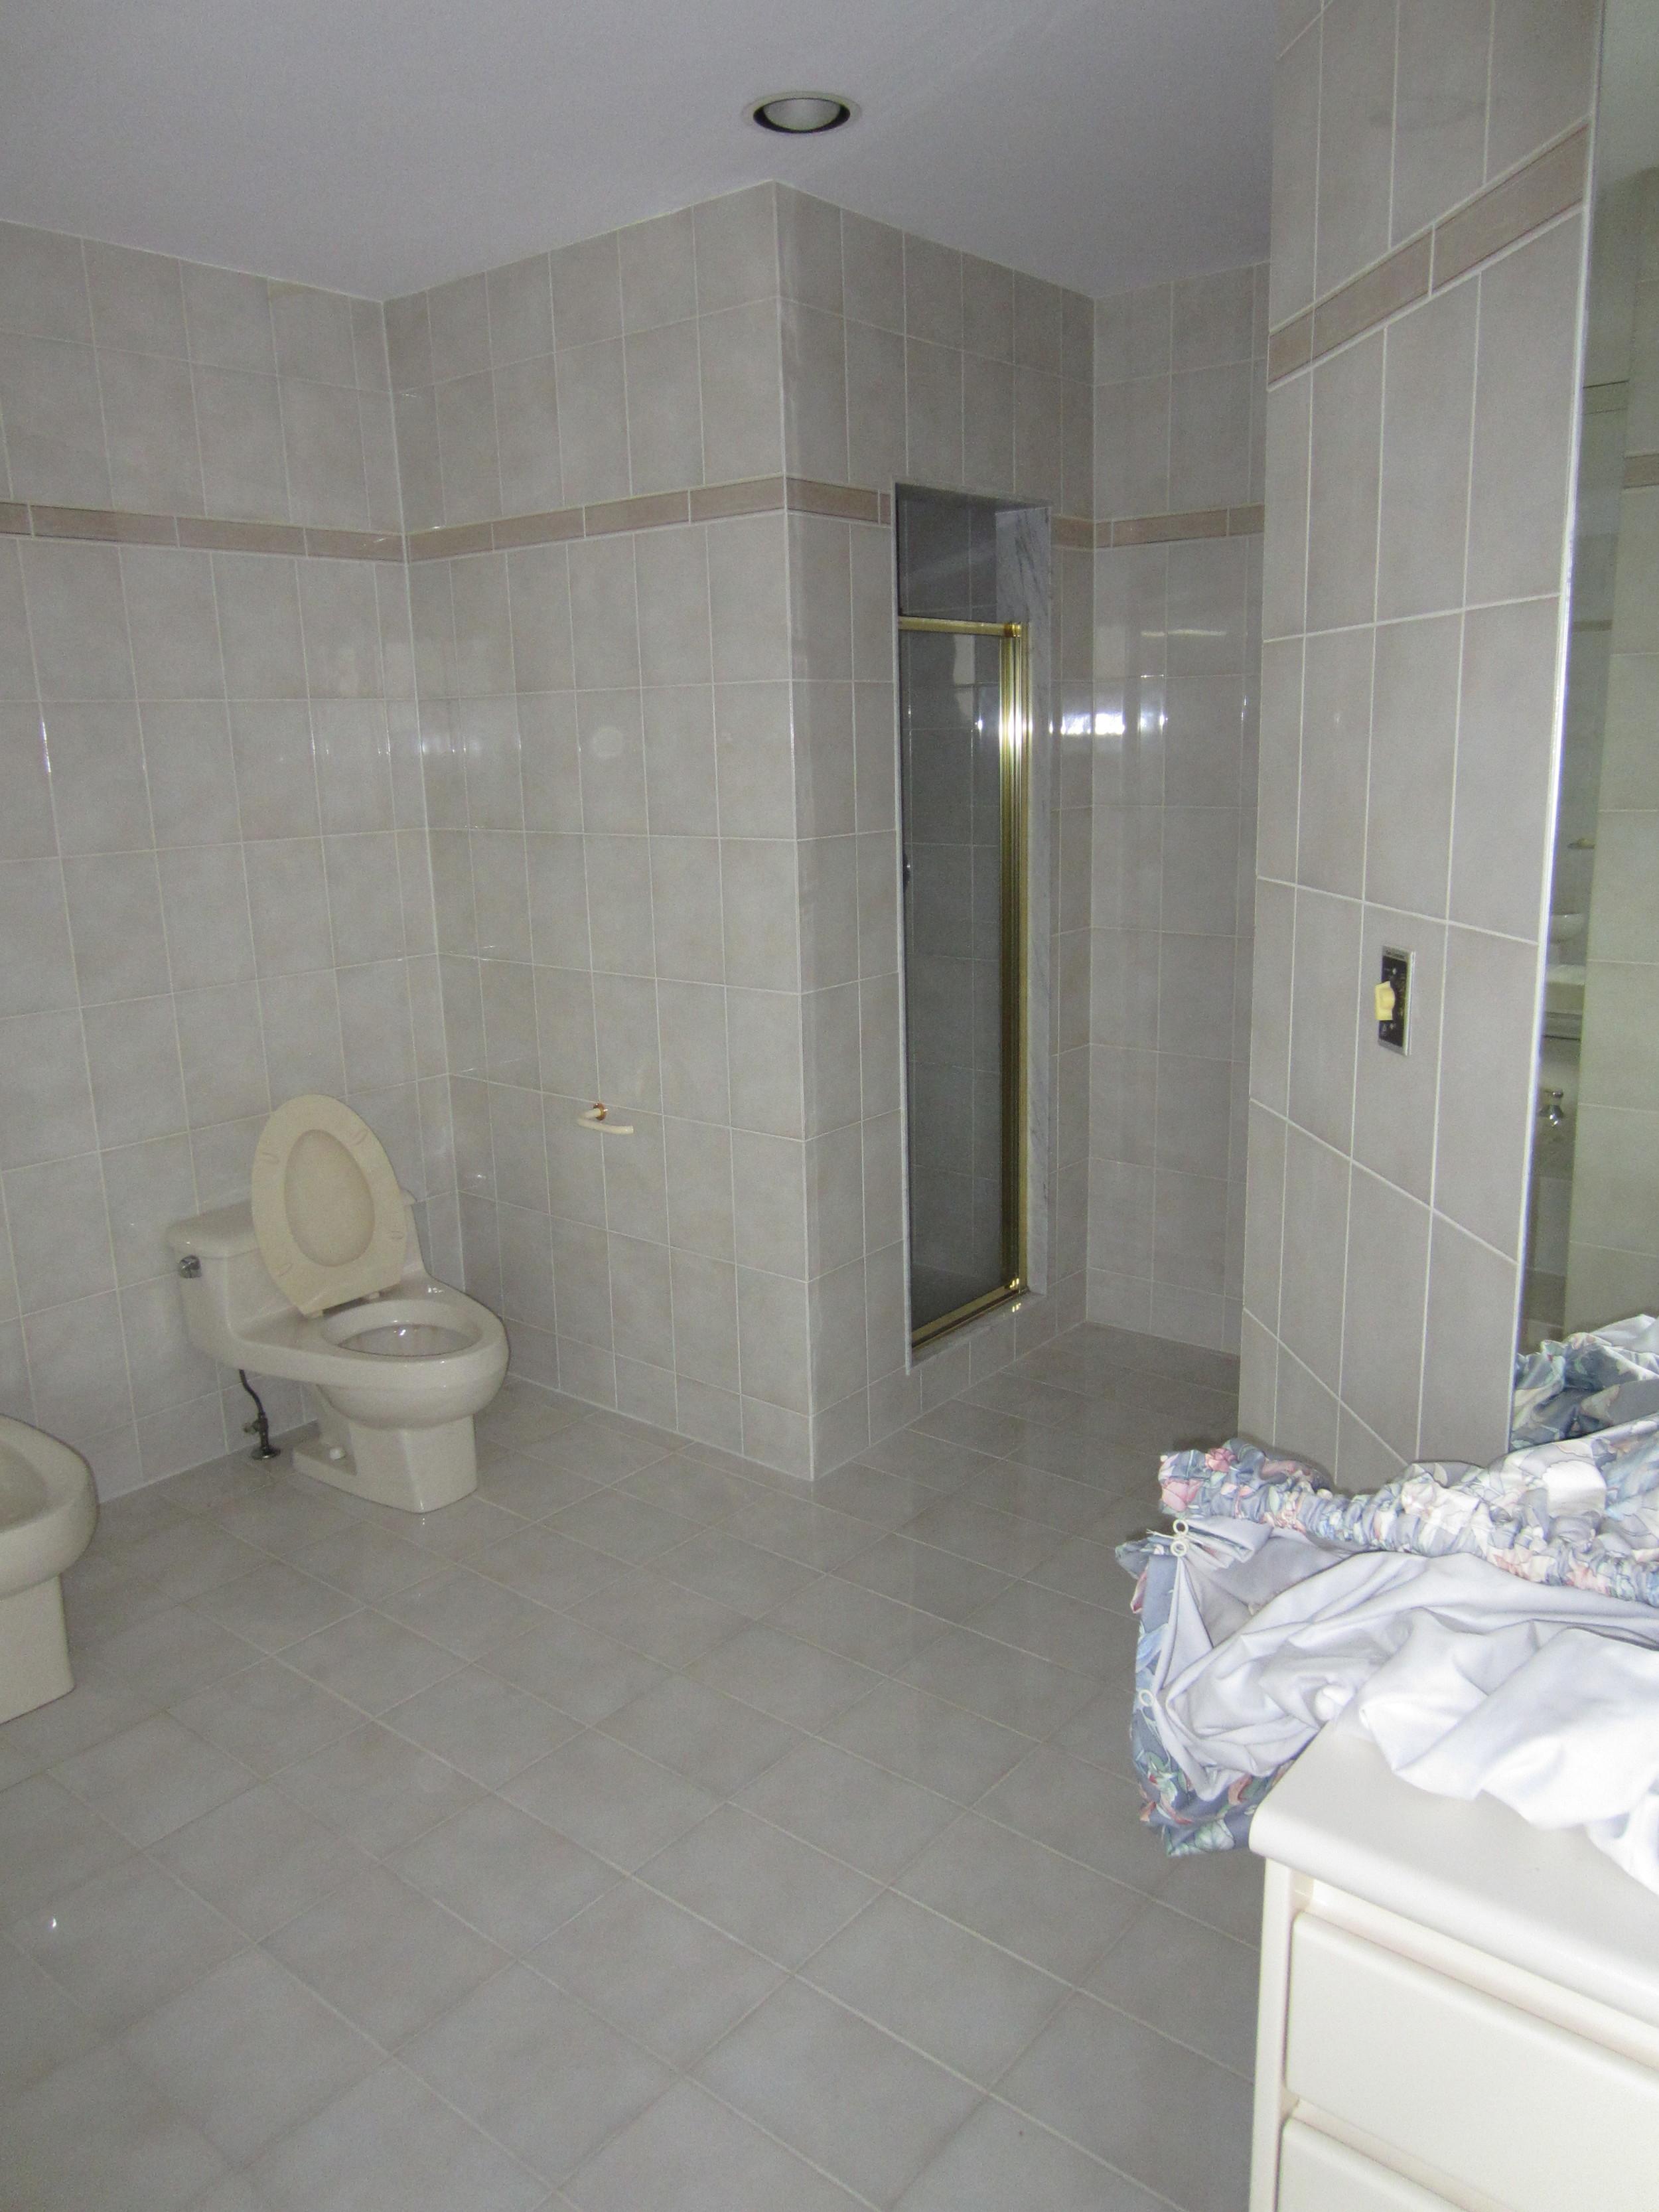 1 Client Site Pics 007.jpg